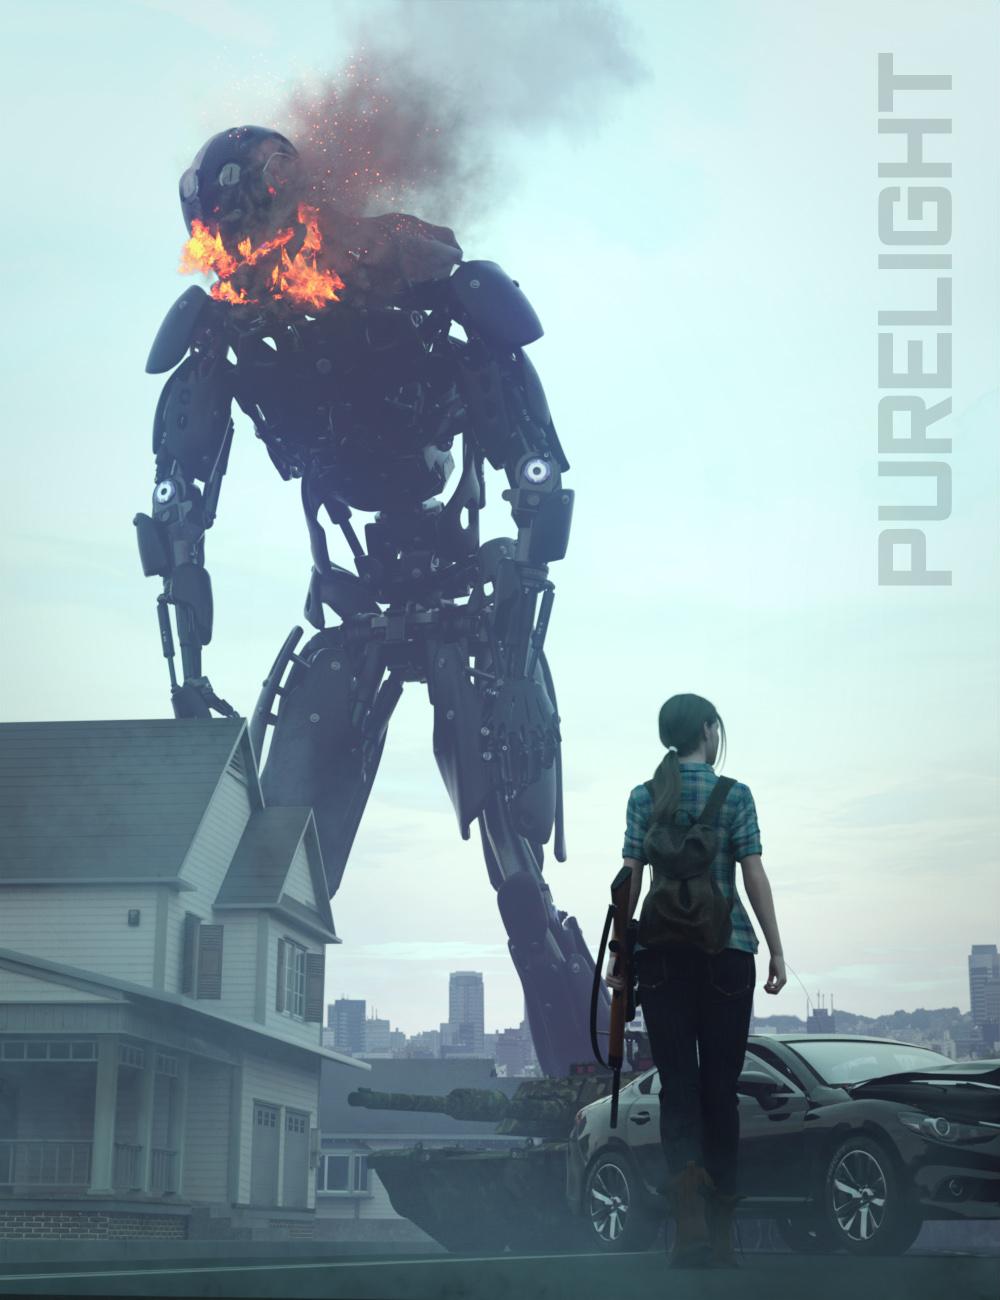 PureLight Apocalypse by: KindredArtsRavenLoor, 3D Models by Daz 3D